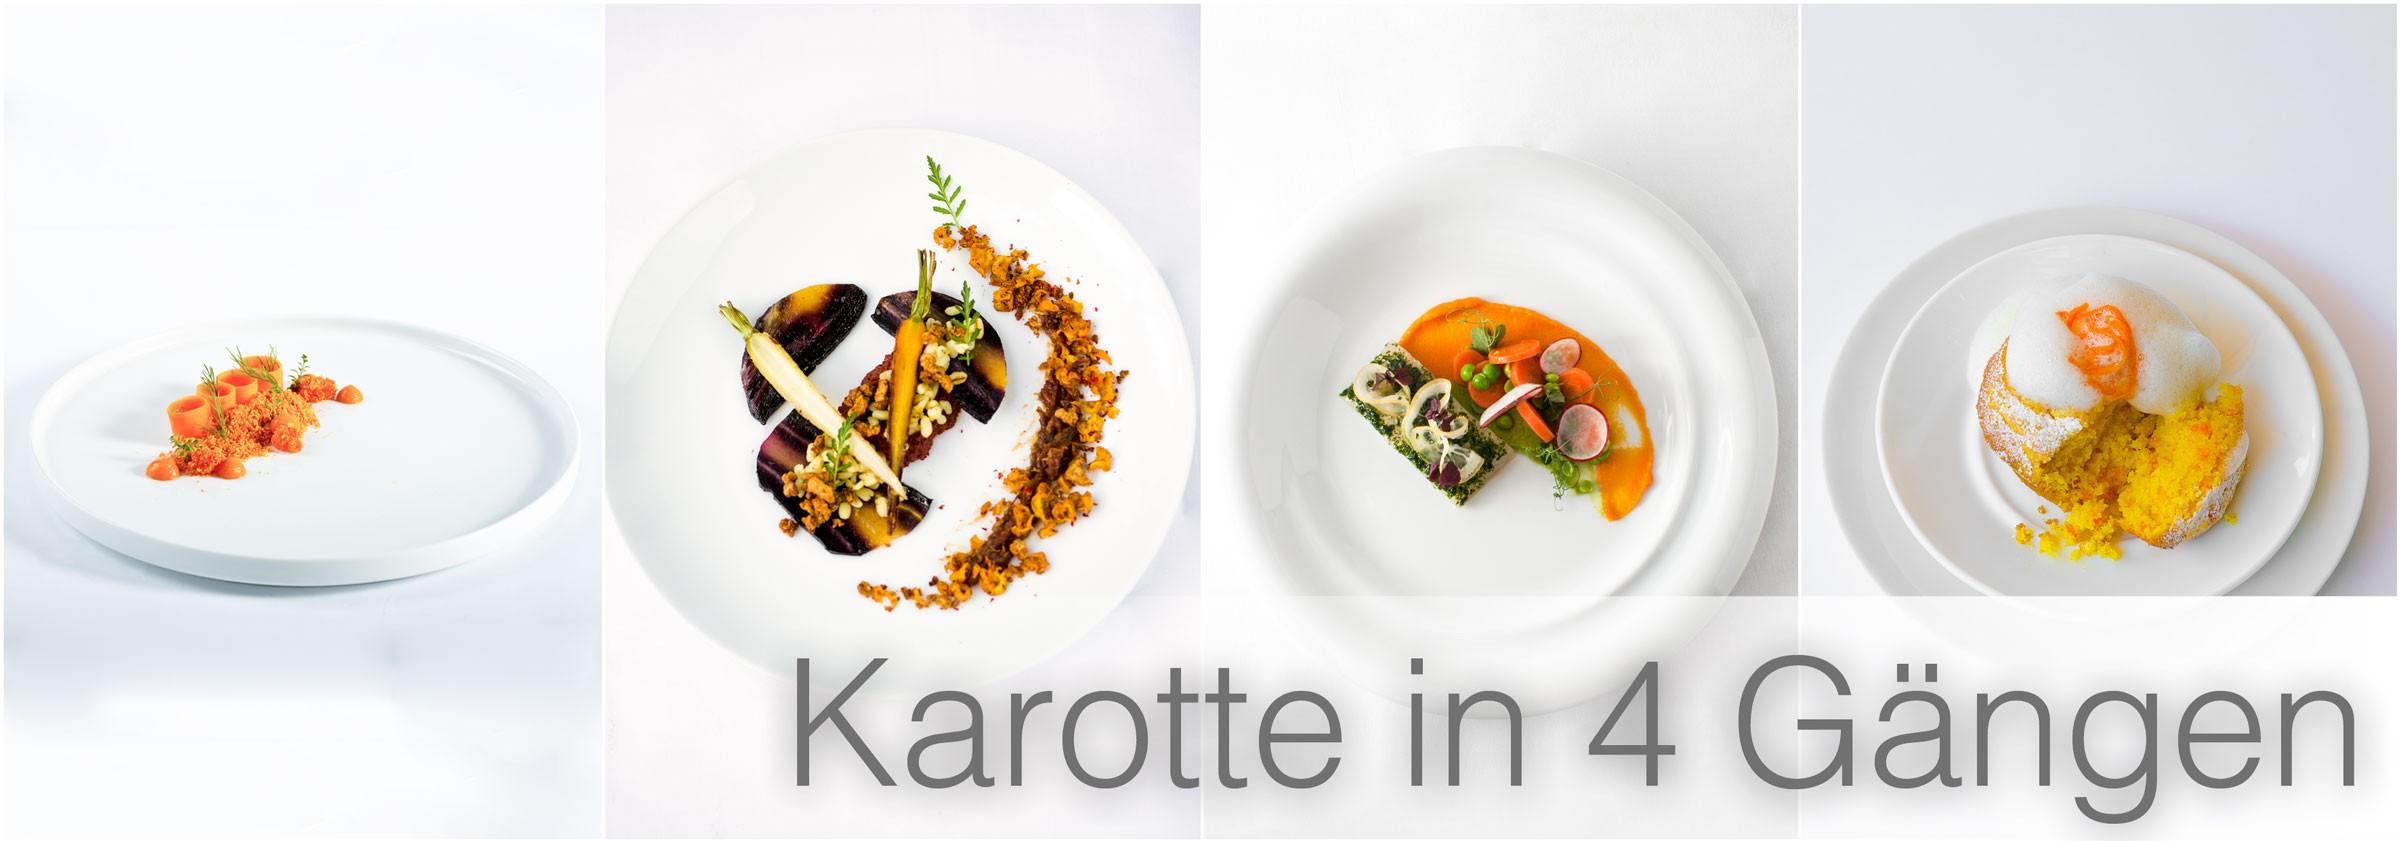 Karotte-in-4-Gängen-4